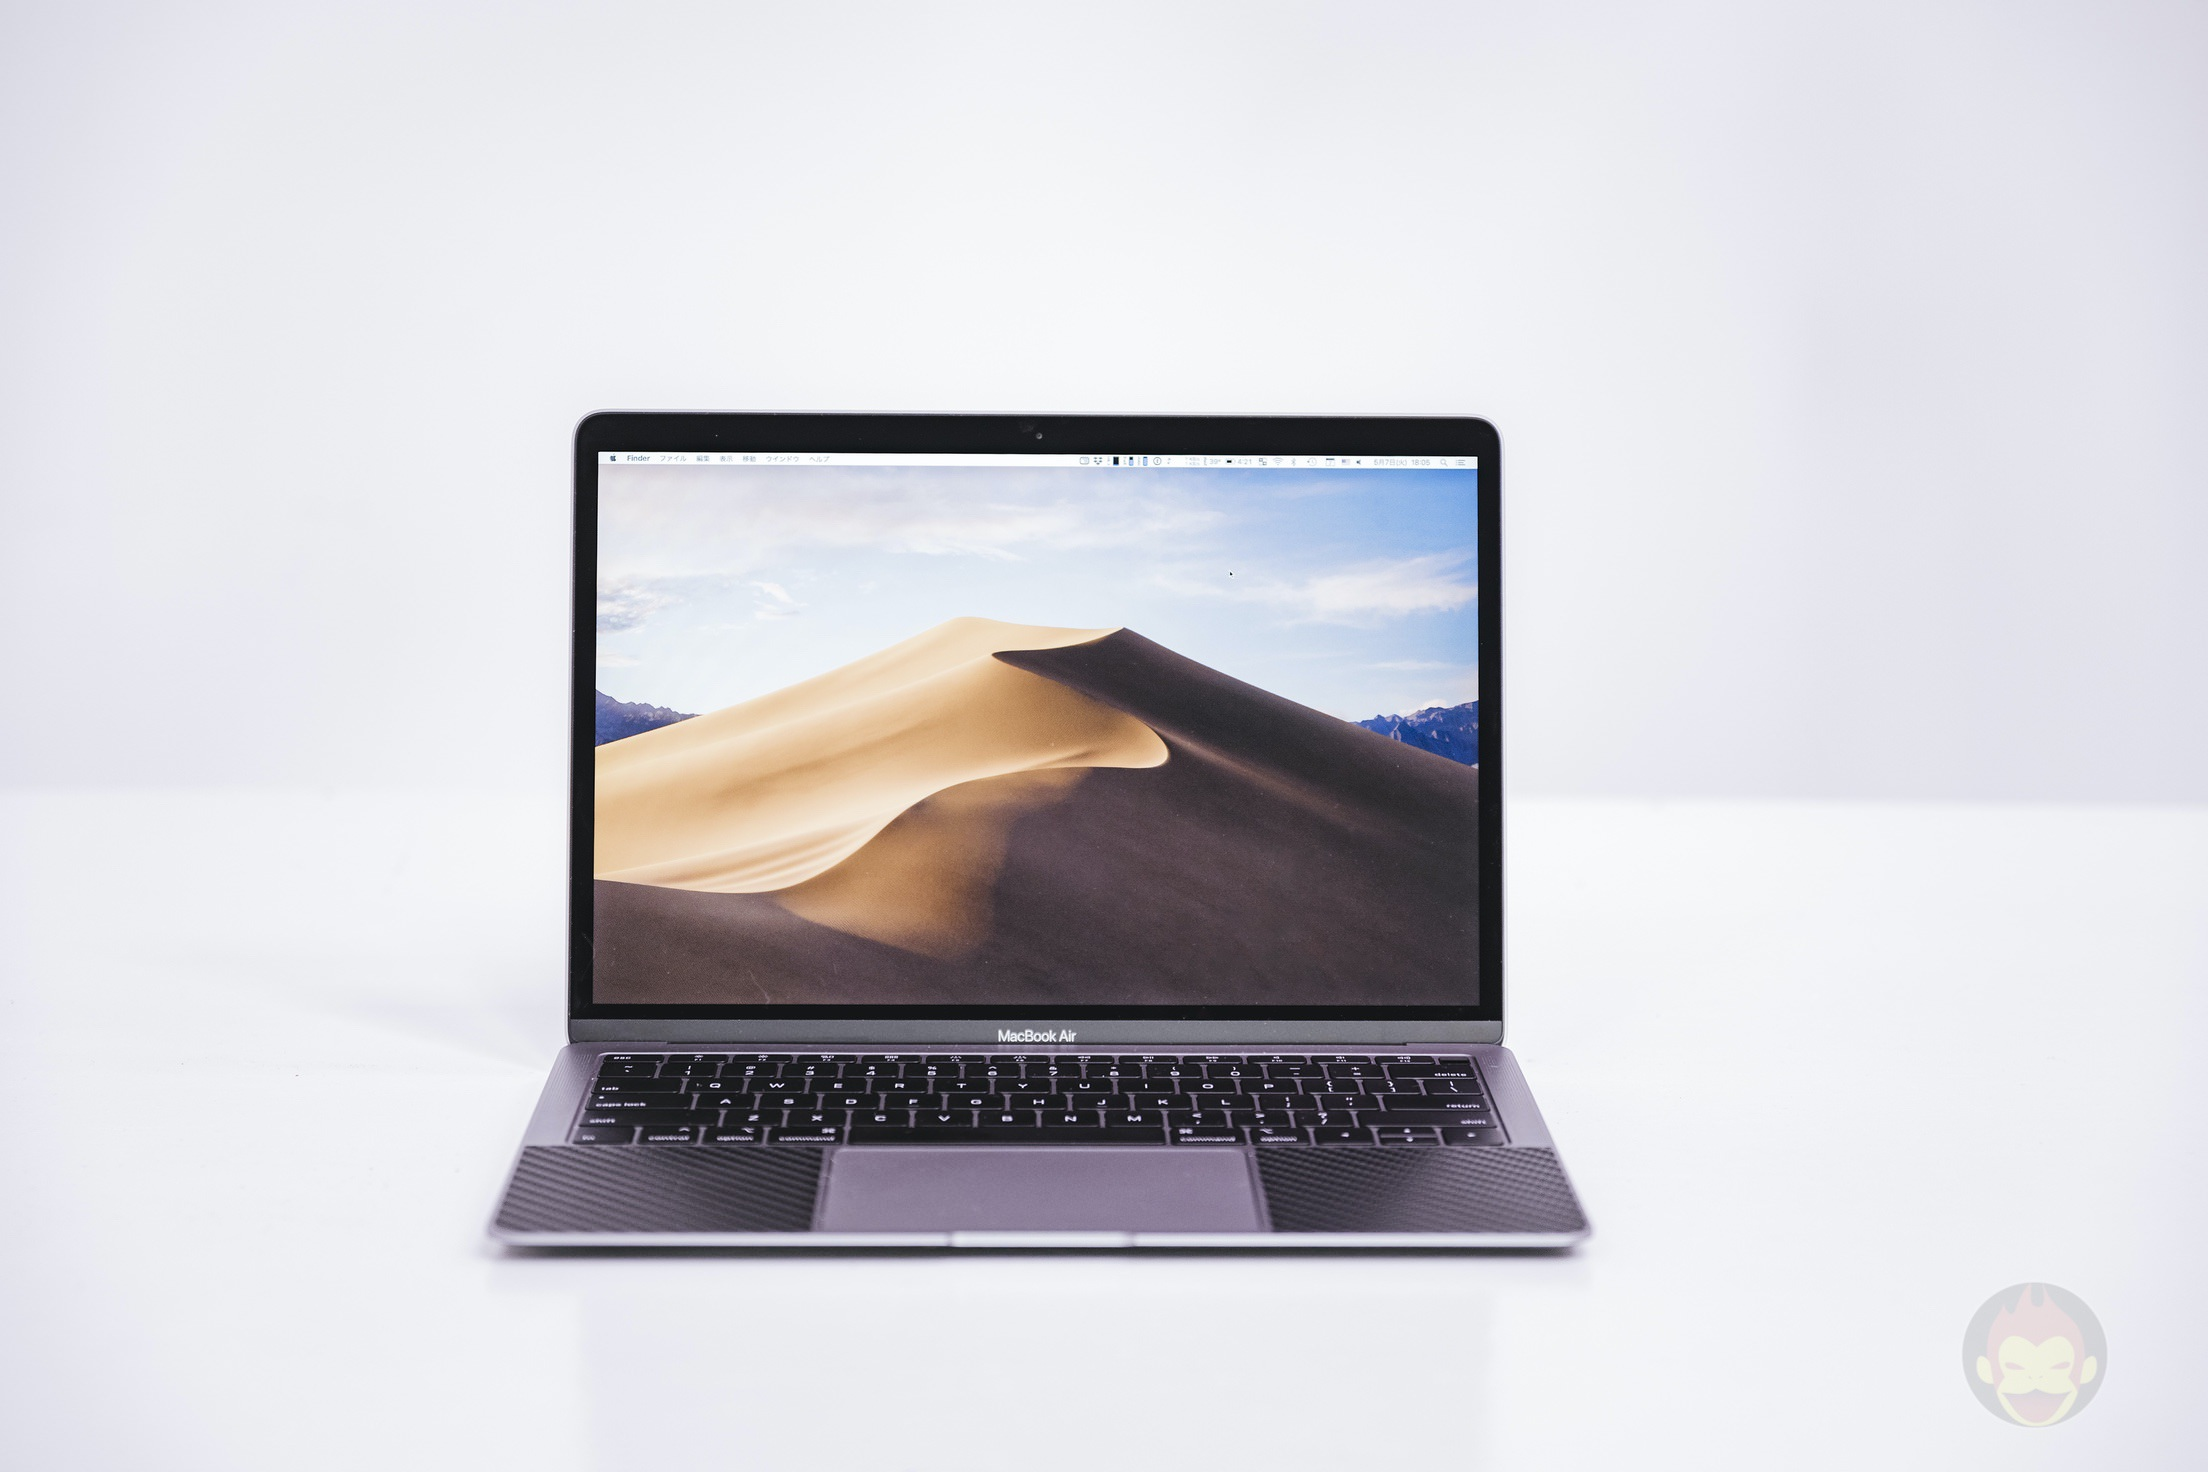 MacBook-Air-2018-GoriMe-Review-20.jpg